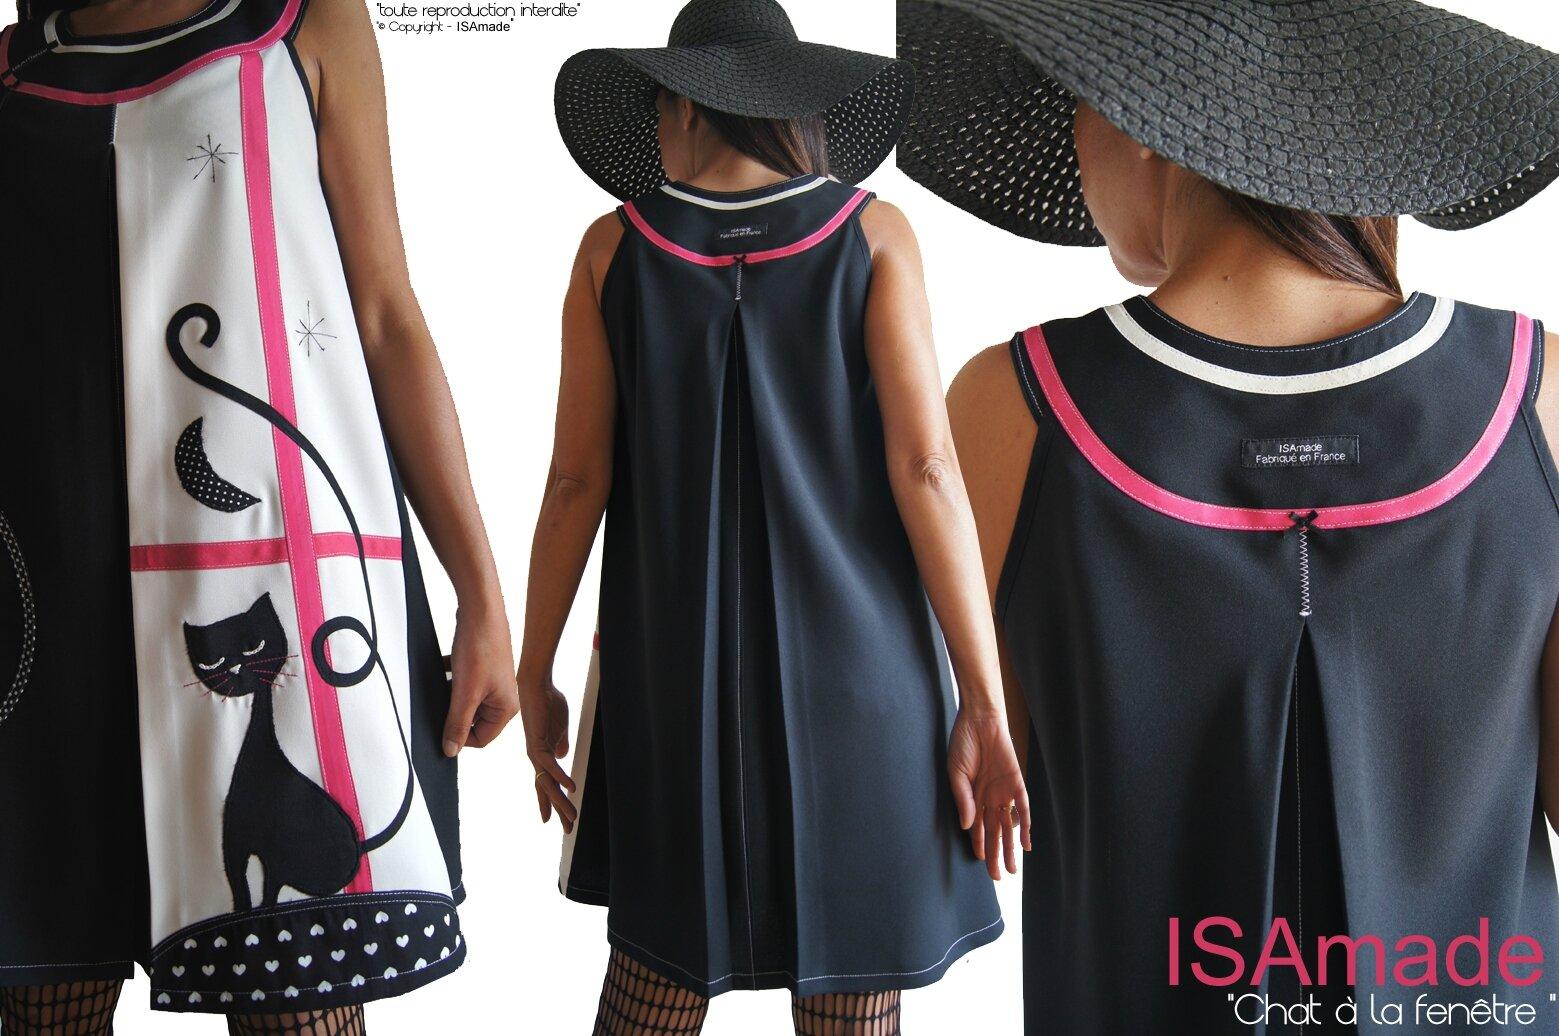 Robe Chat Trapèze chasuble Graphique créateur Noir/Blanc Bicolore Style Années 60